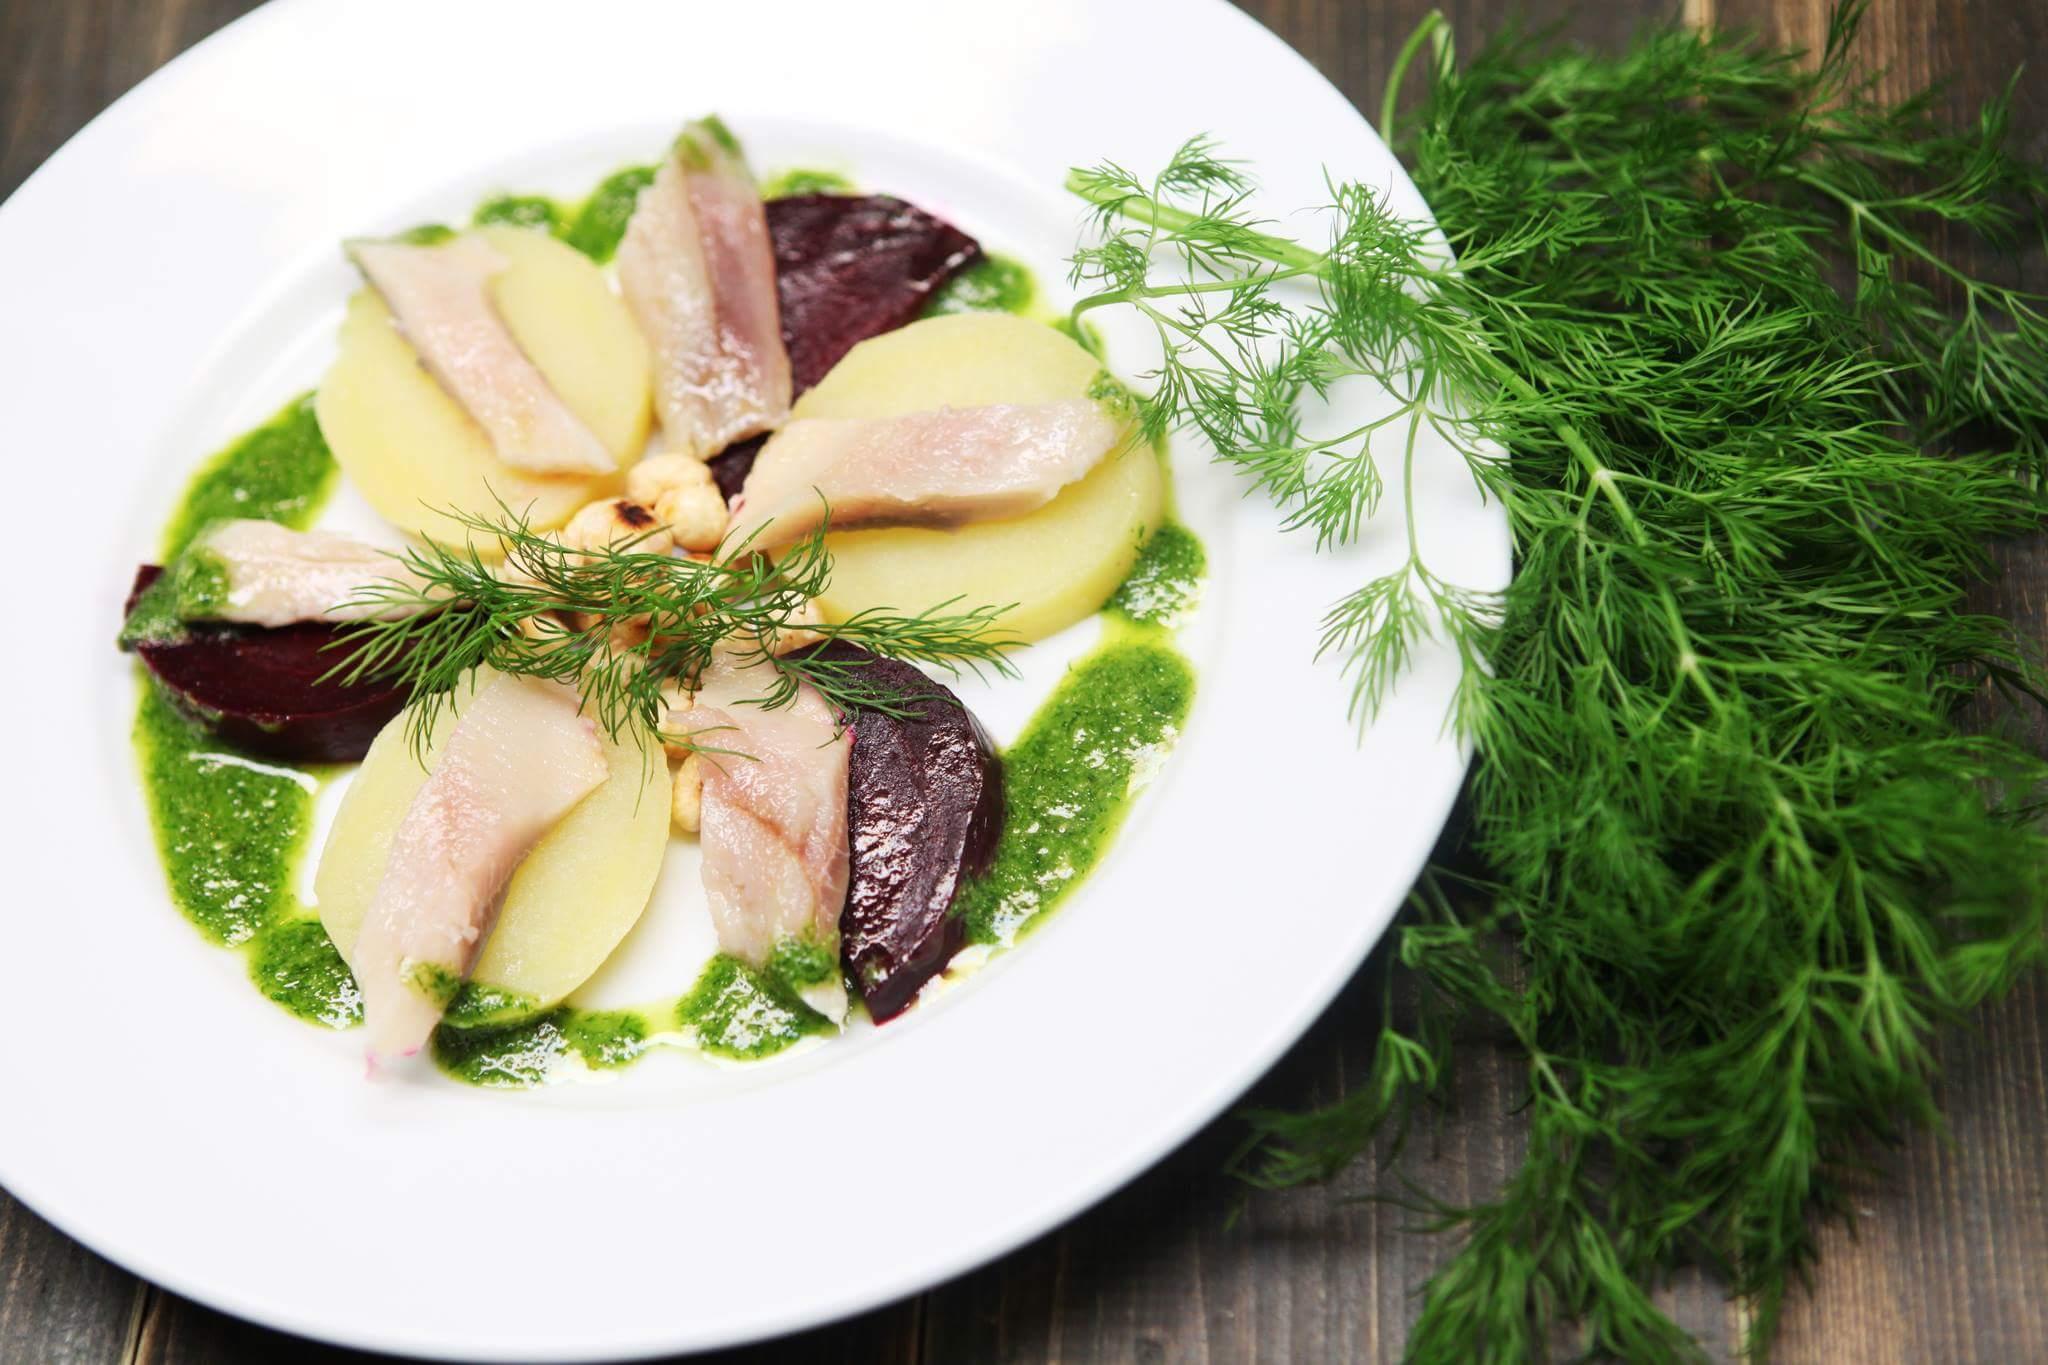 Рецепт Сельдь с картофелем, свеклой и песто из укропа